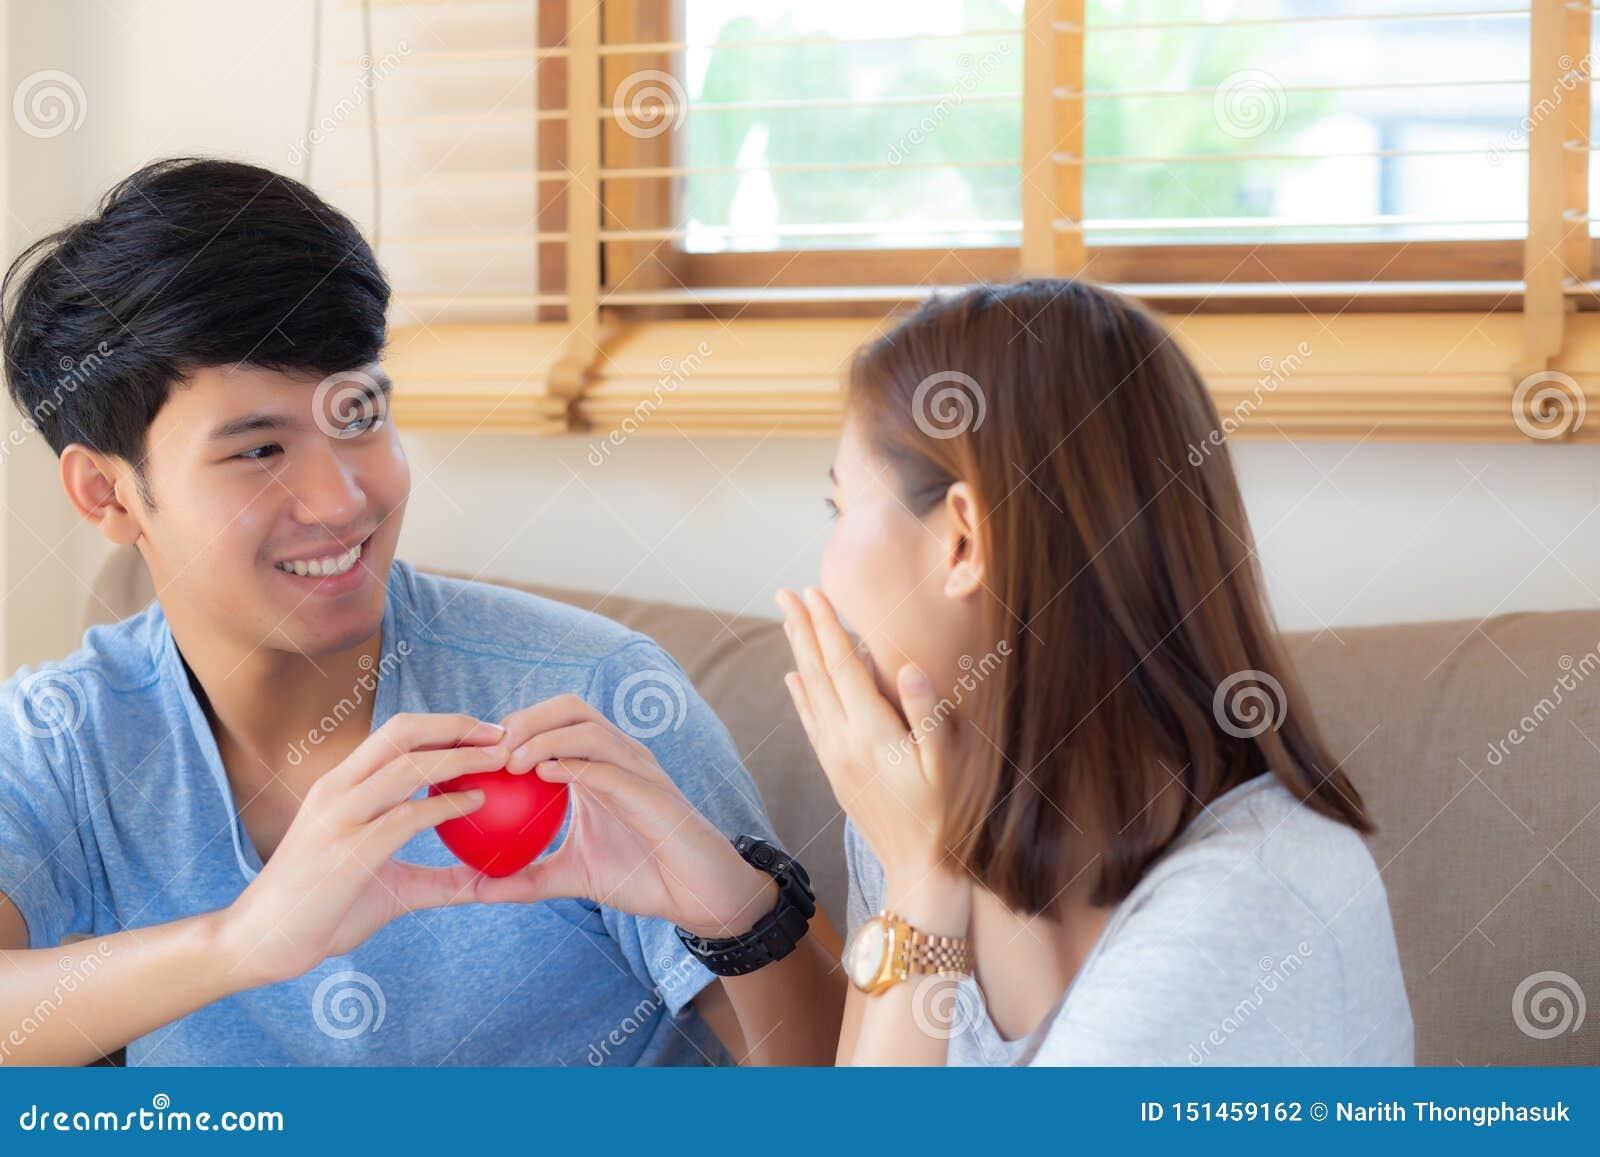 Pięknego portret pary gesta młodego azjatykciego mienia kierowy kształt wpólnie, mąż daje kierowej kształt żonie rozochocony ono